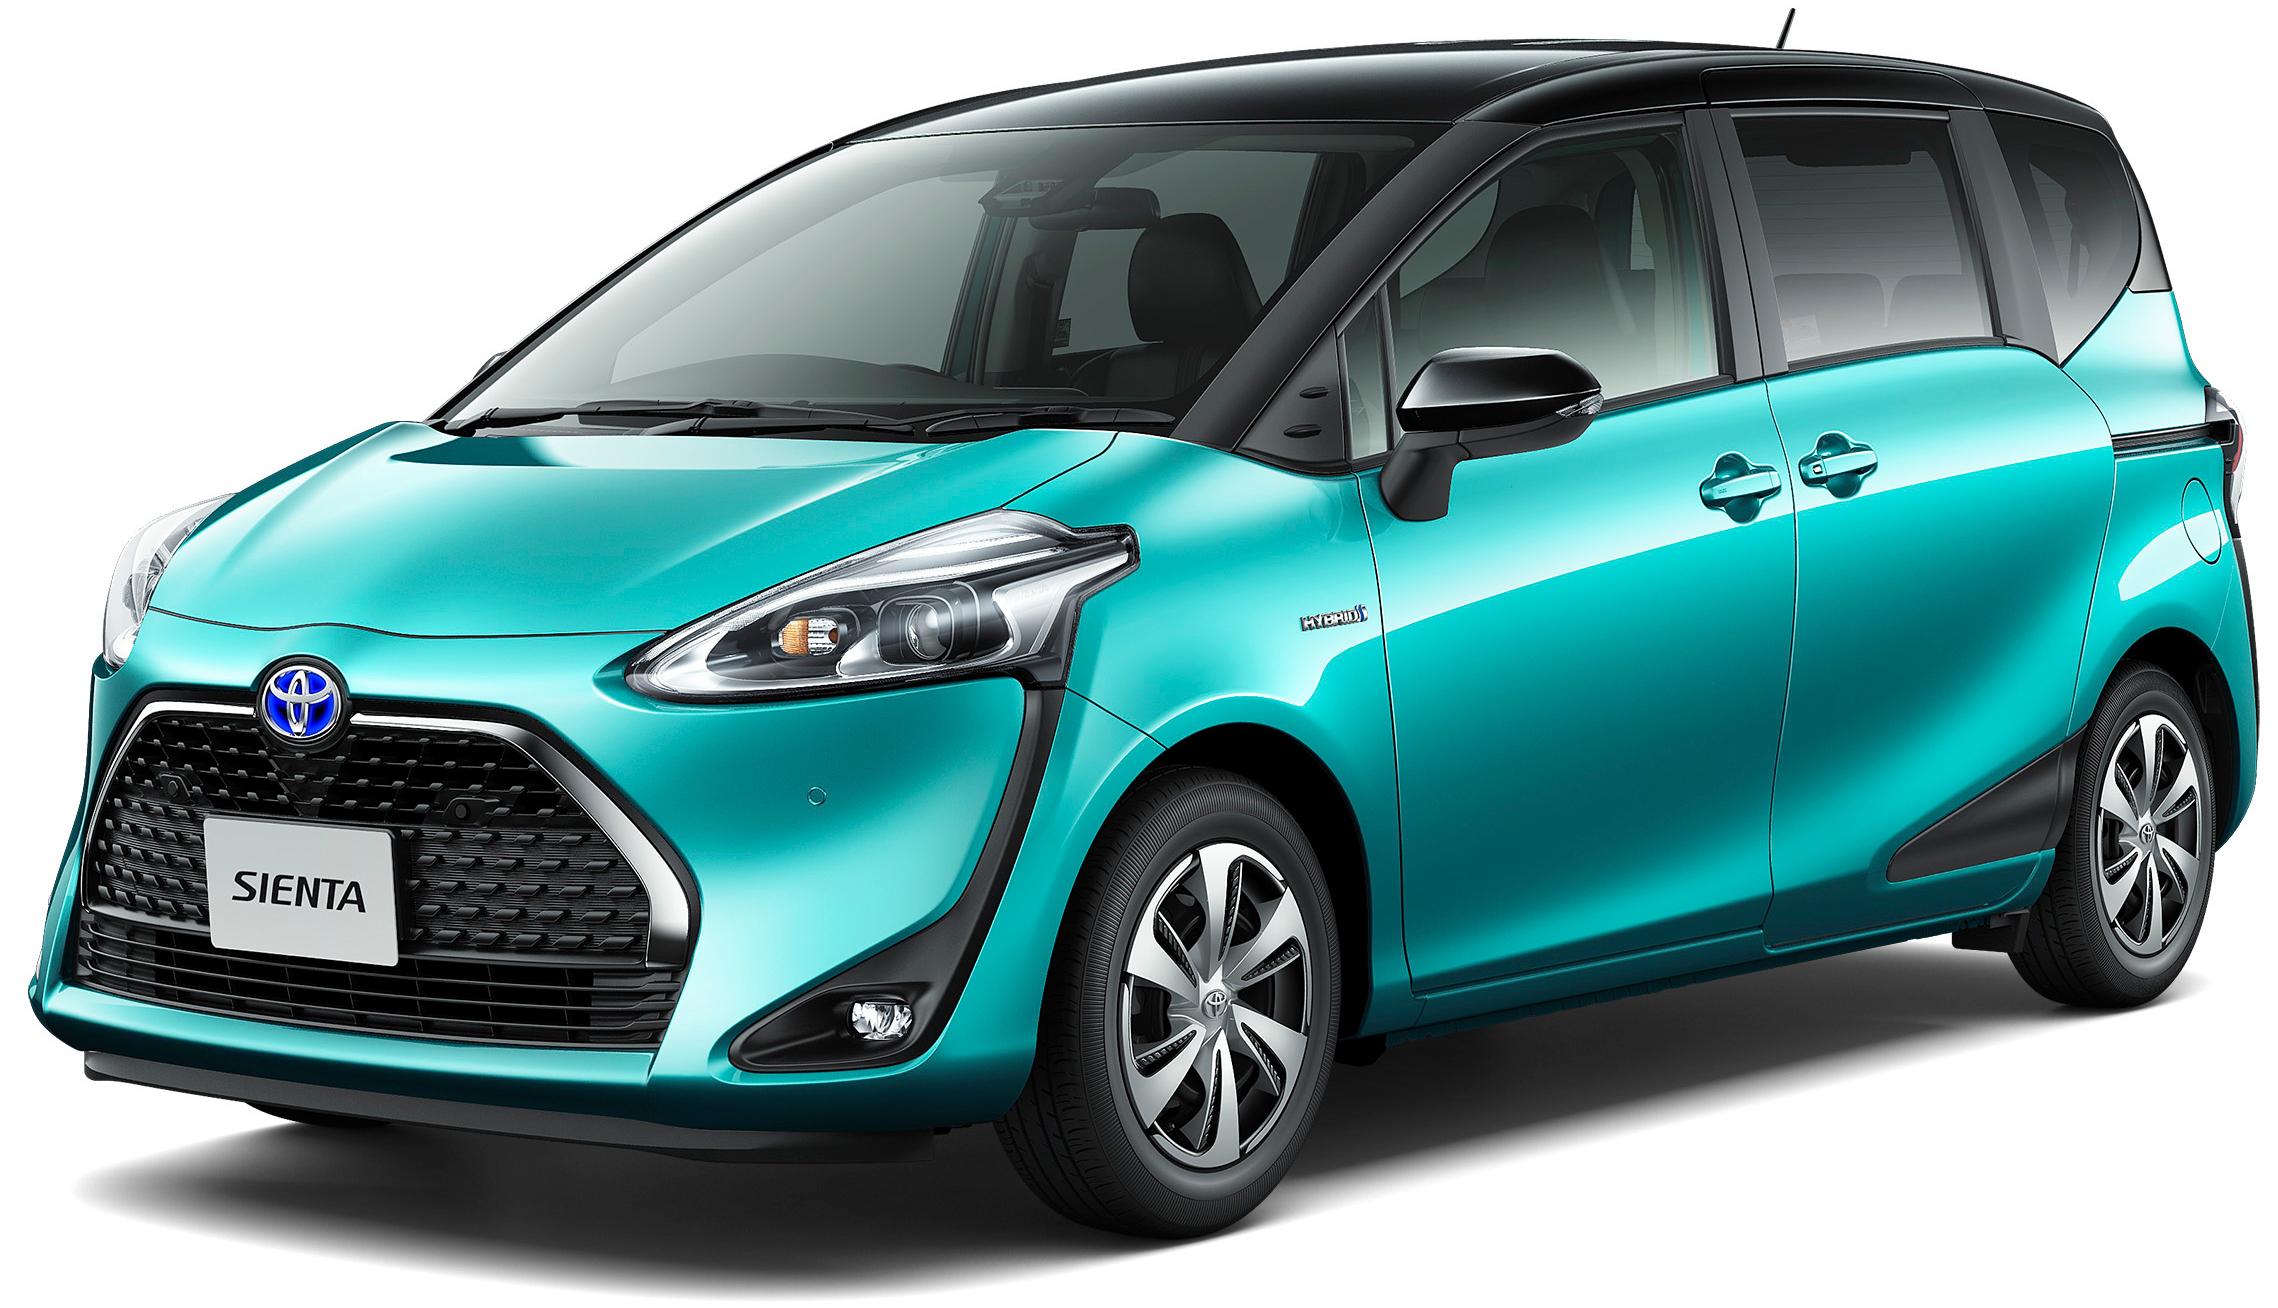 Kelebihan Kekurangan Toyota Sienta 2018 Top Model Tahun Ini